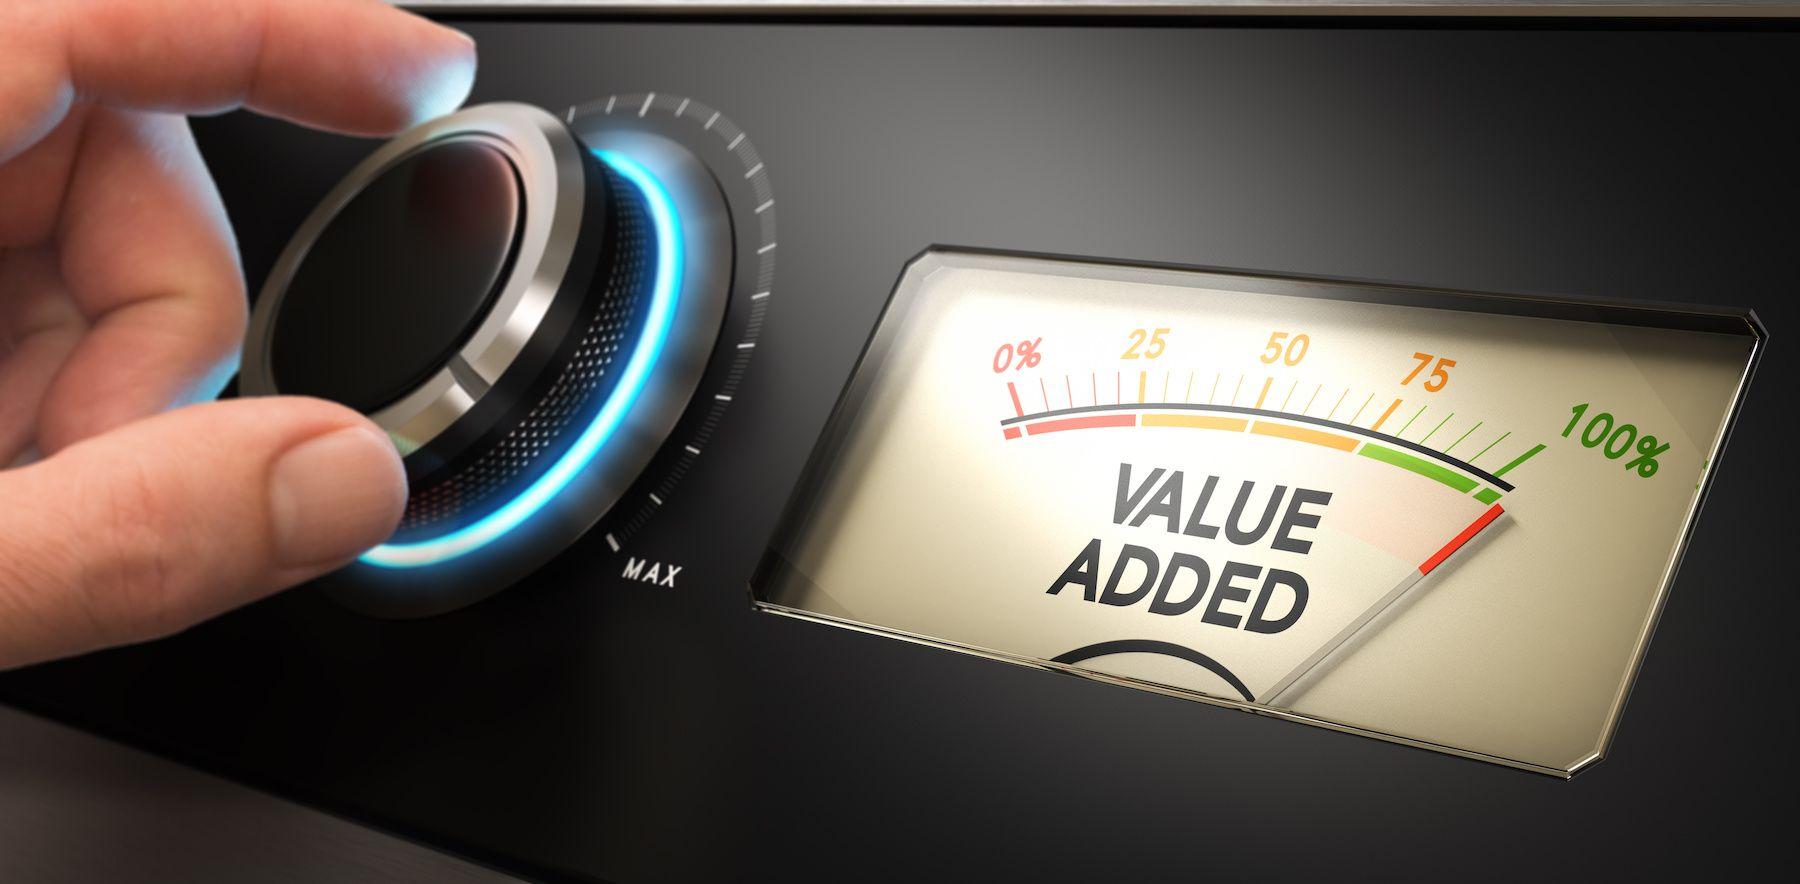 add_value.jpg.5b56973def0ef9646358a4700e96b1bb.jpg